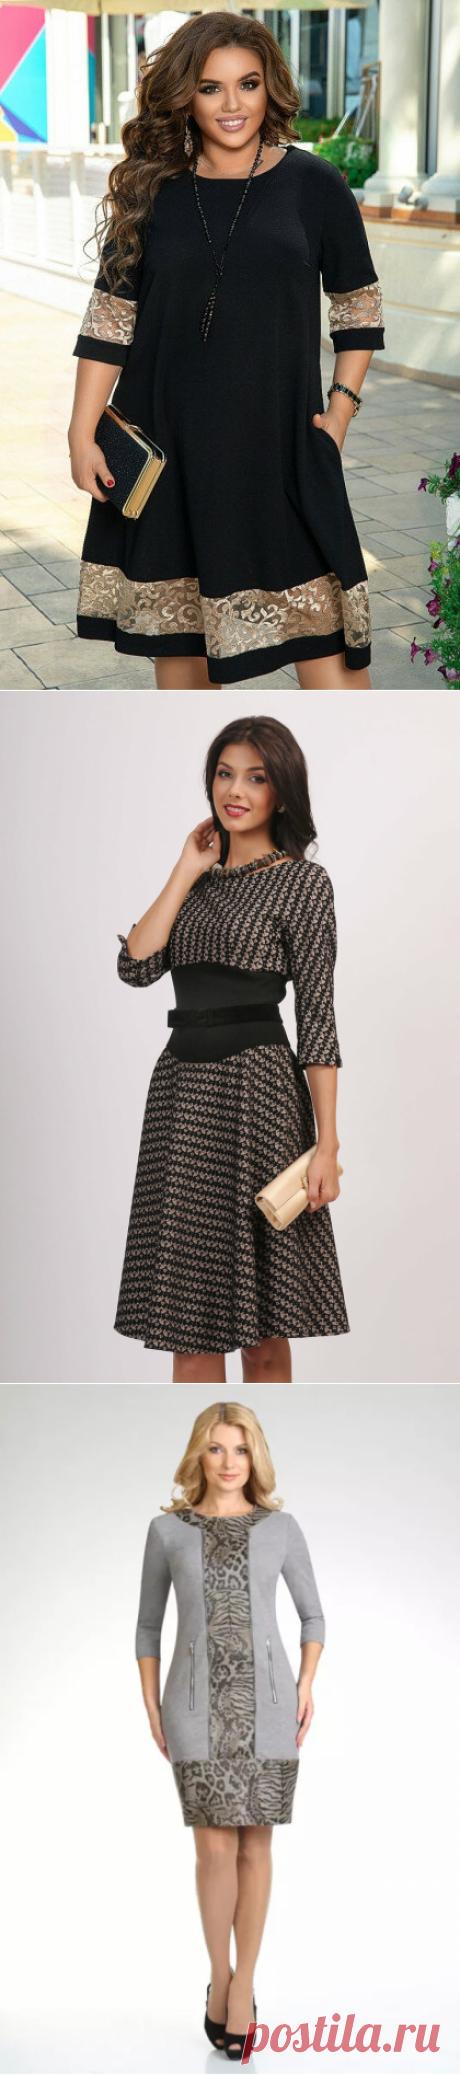 Интересные идеи, как красиво удлинить платье   Самошвейка   Яндекс Дзен